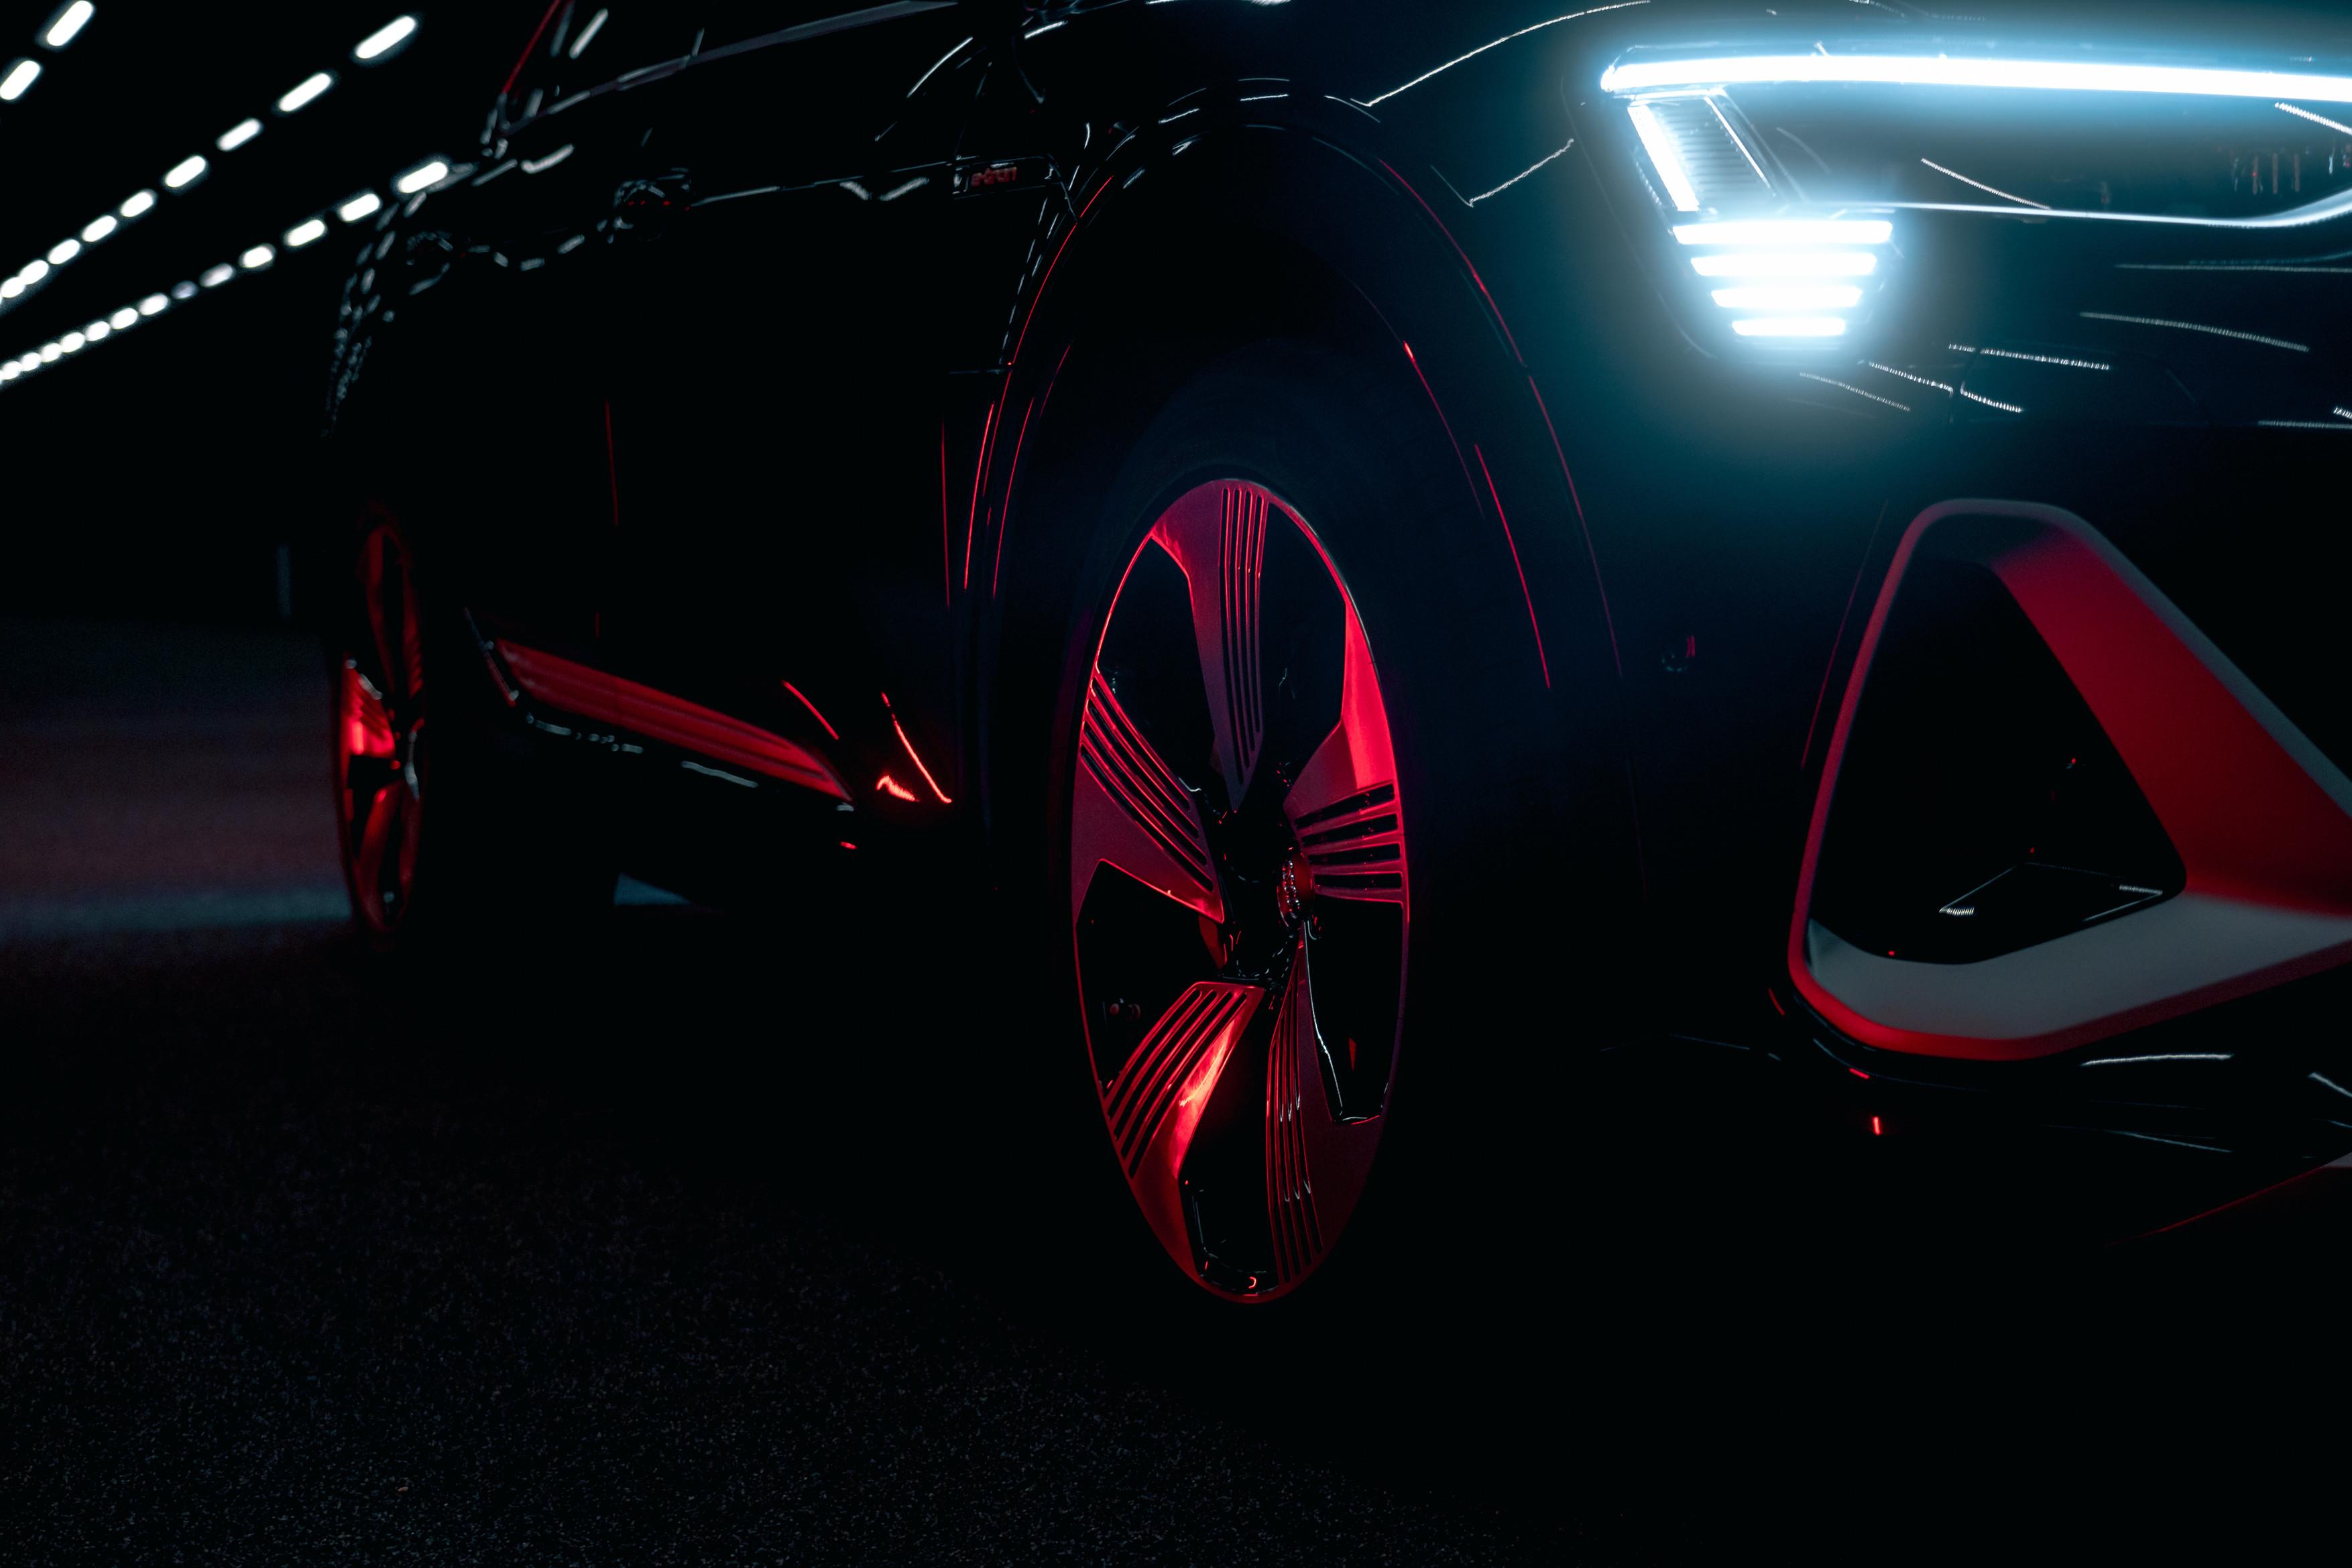 Audi e-tron Sportback 55 quattro - digitalni matrični LED žarometi